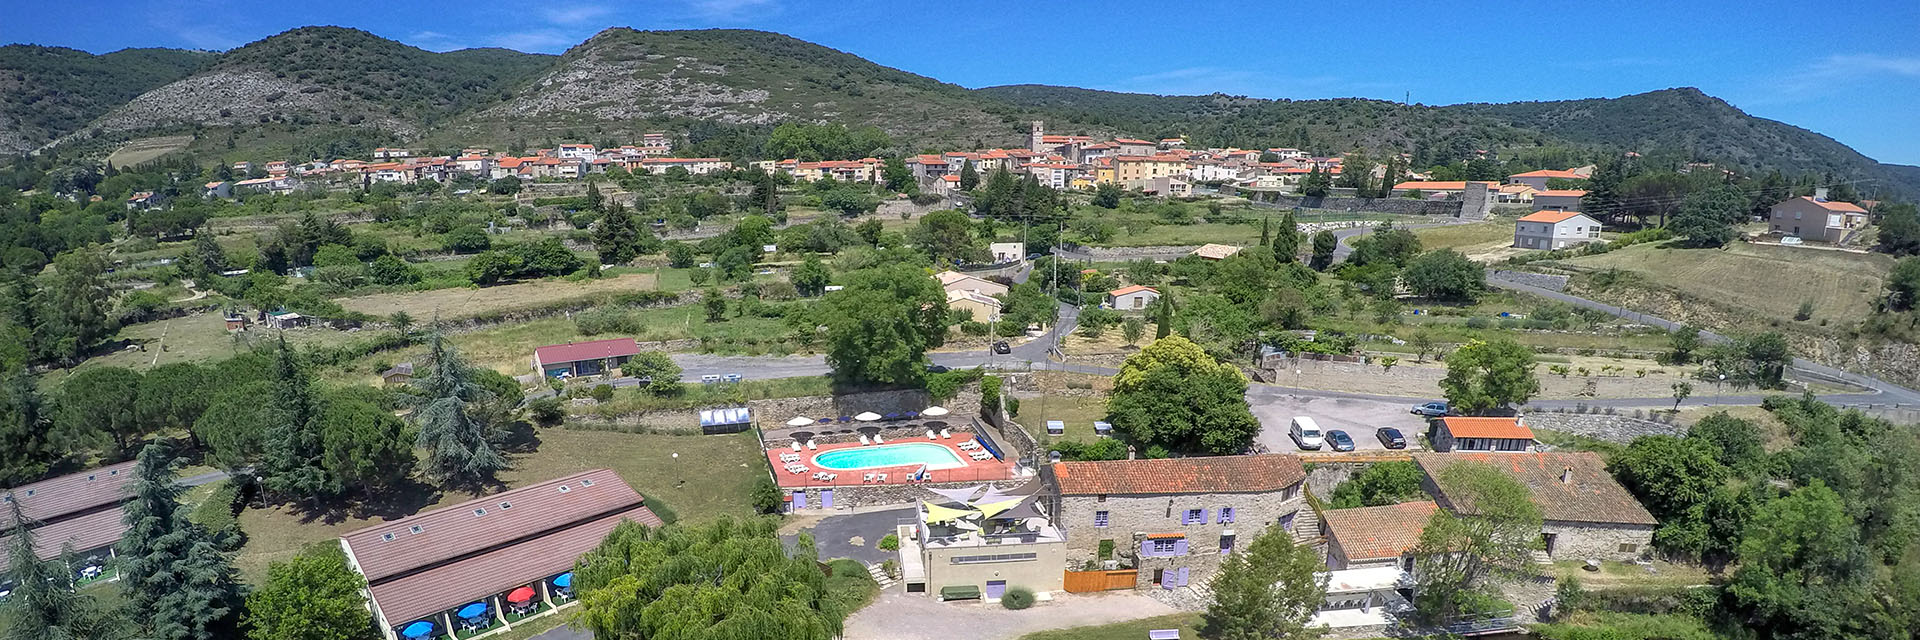 village-vacance-le-moulin-de-sournia-vue-arienne